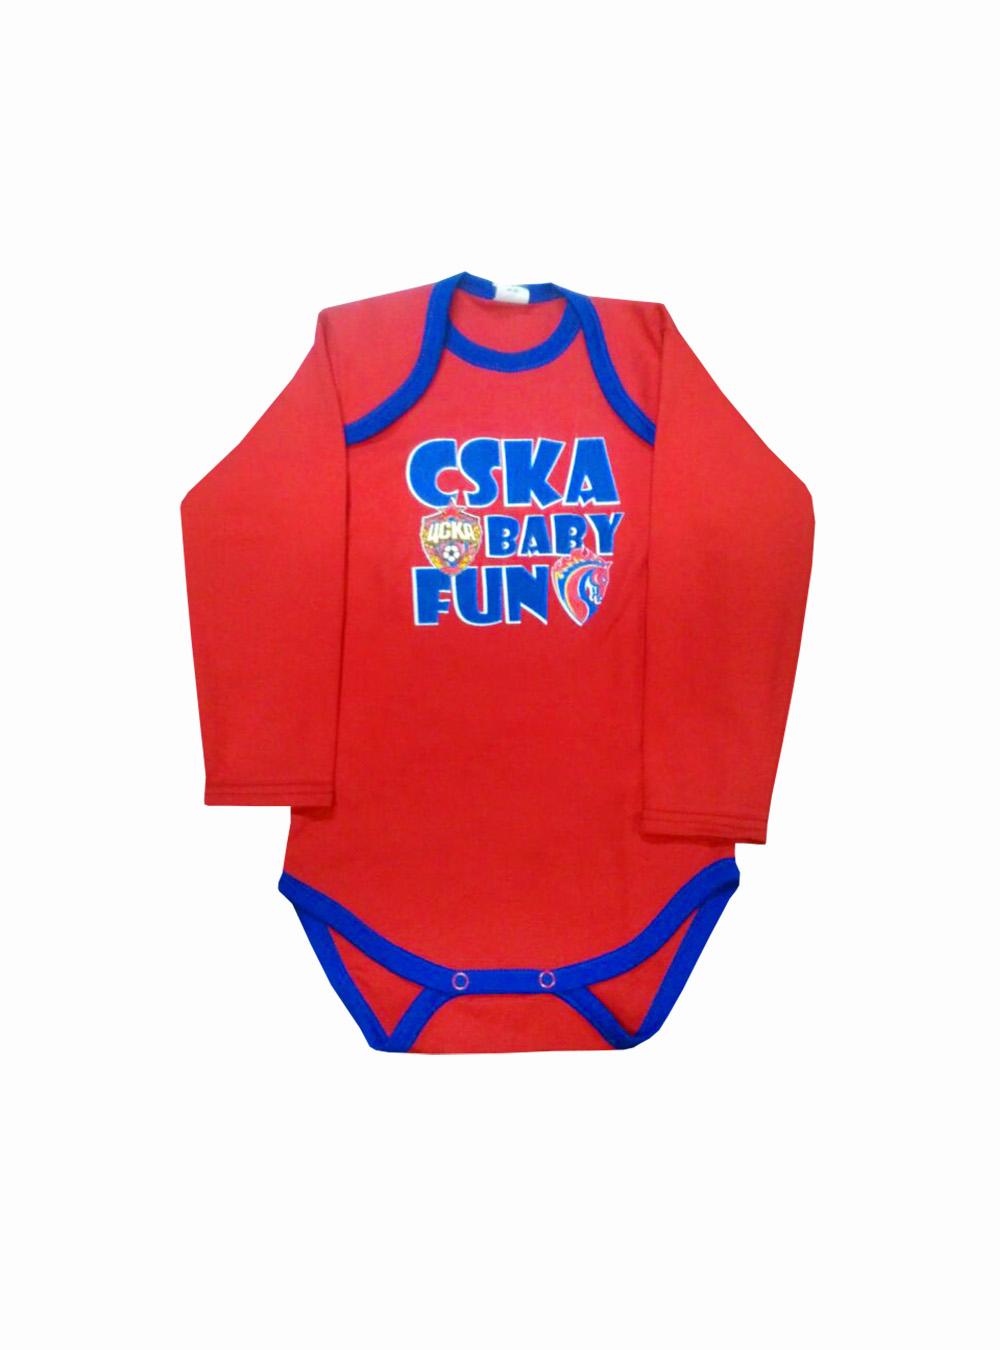 Боди с длинным рукавом CSKA BABY FUN, цвет красный (22(68-74))Для самых маленьких<br>Боди с длинным рукавом CSKA BABY FUN, цвет красный<br>